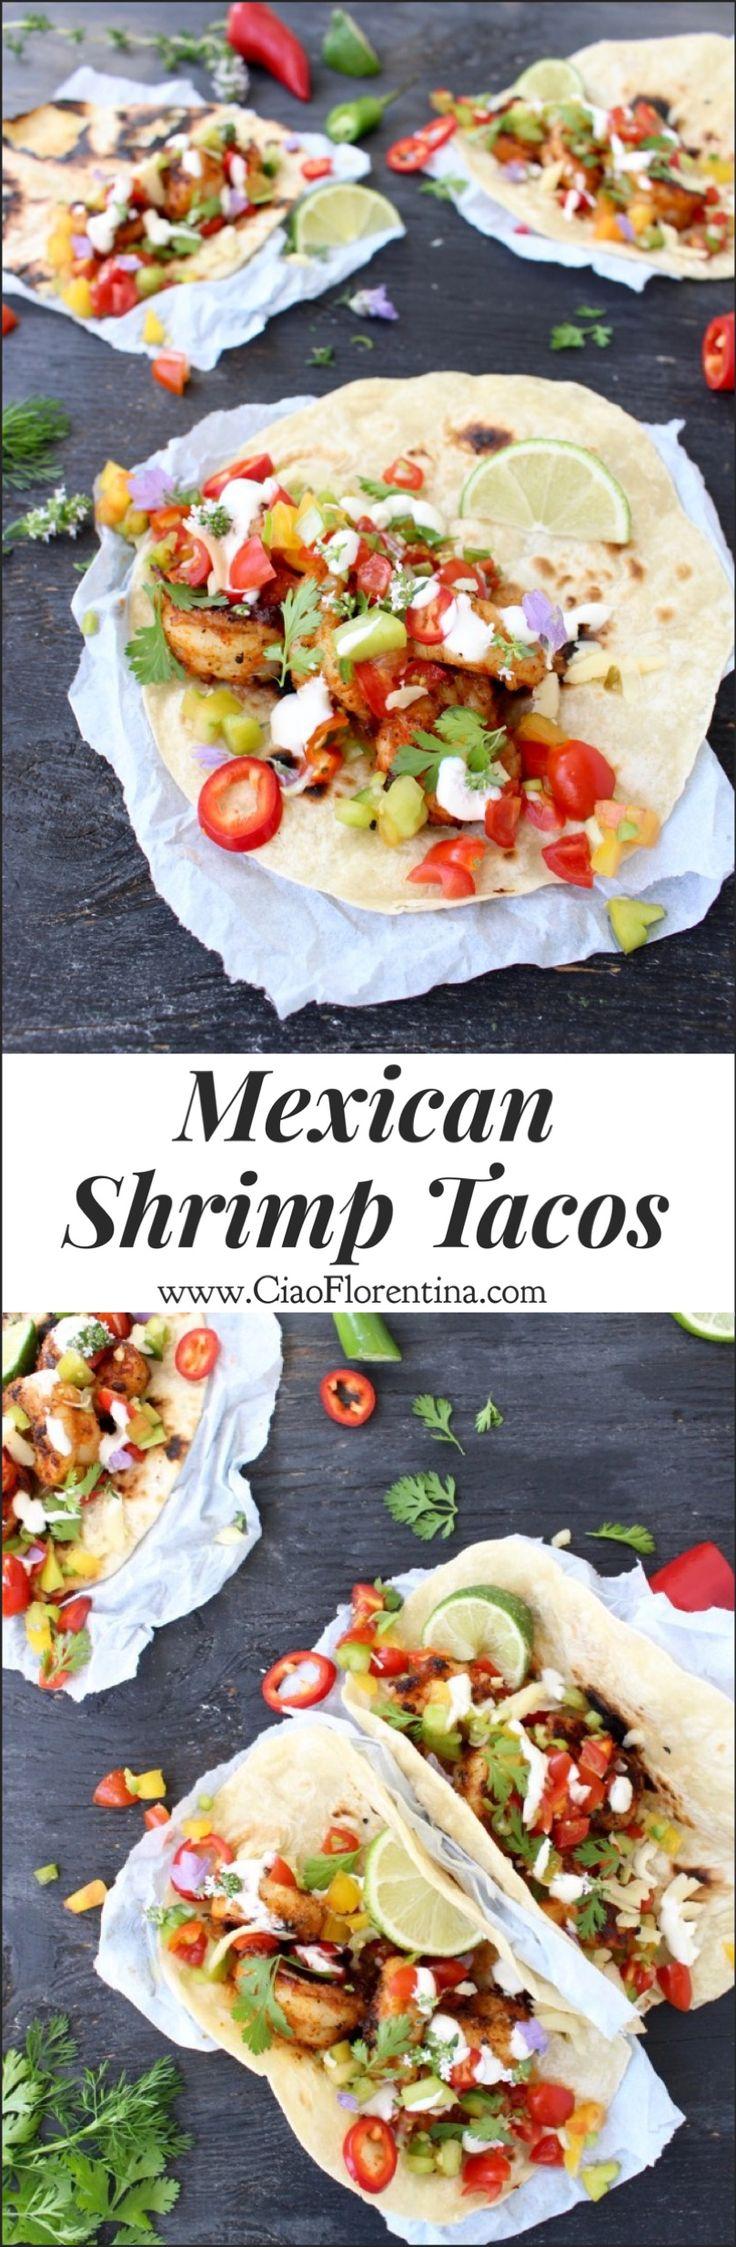 Mexican Shrimp Tacos with Salsa Fresca | CiaoFlorentina.com @CiaoFlorentina